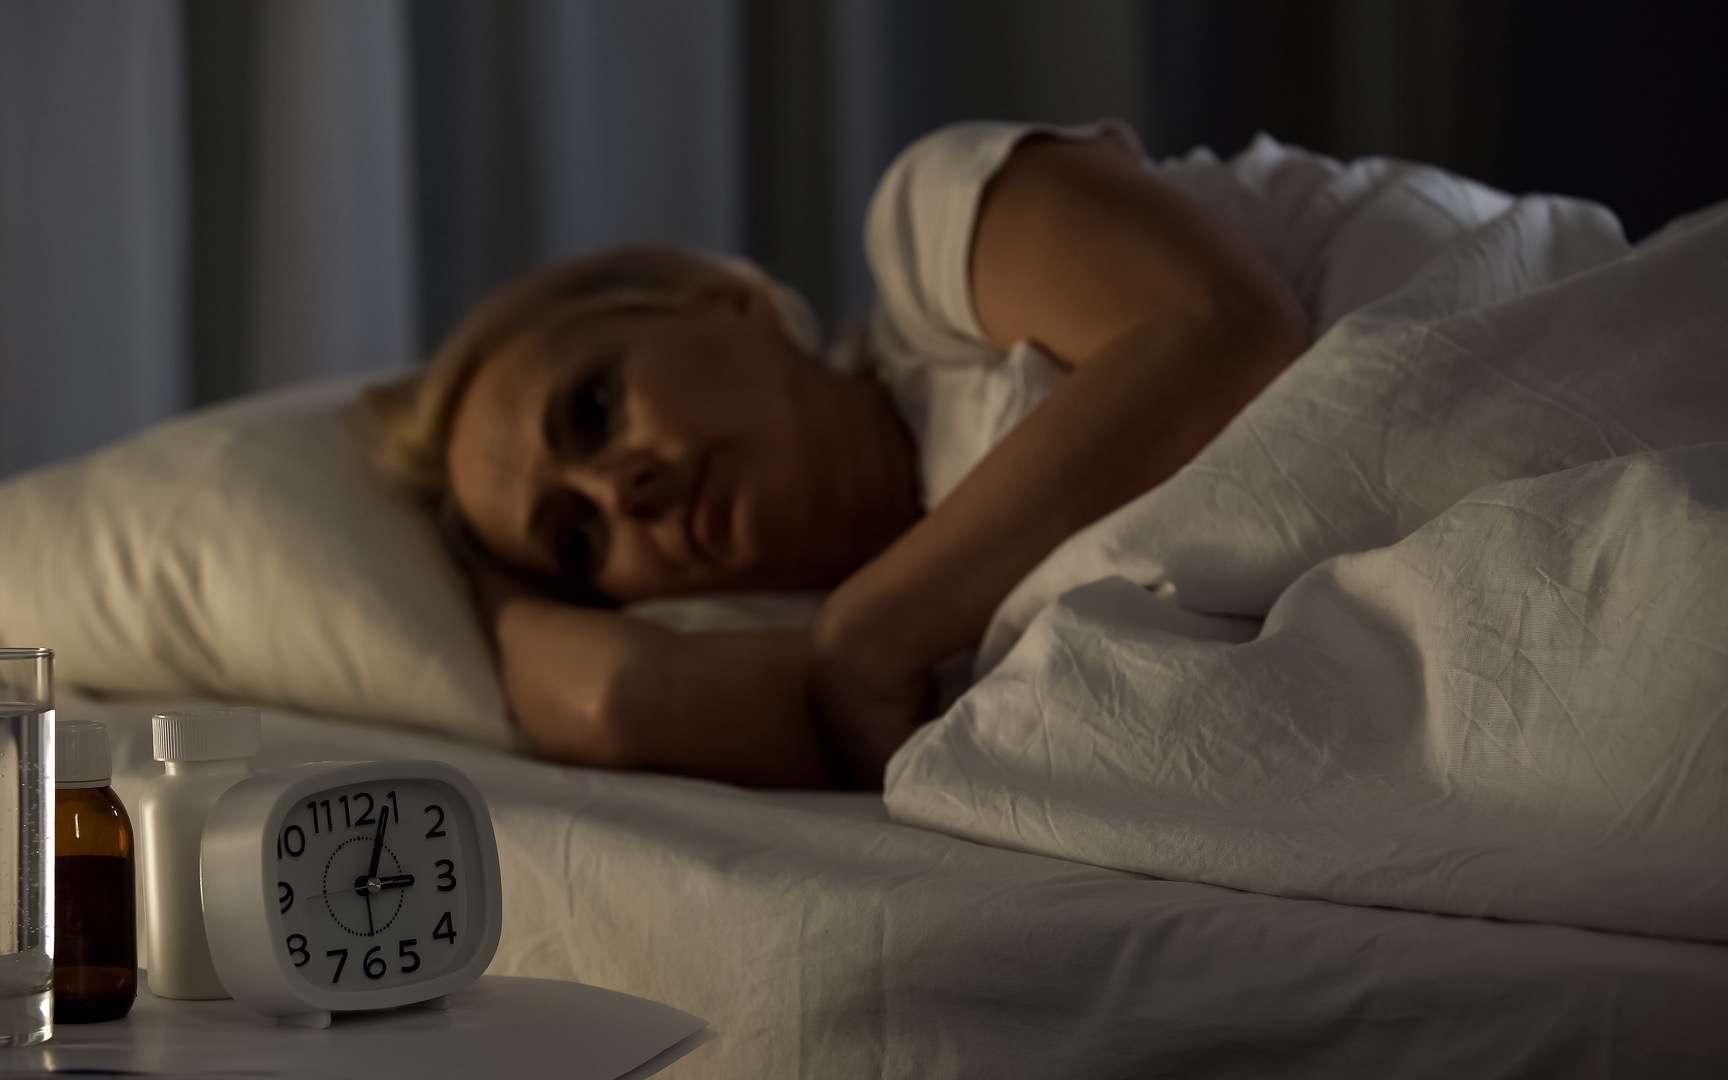 Ne pas assez dormir nuit au cerveau et est associé à un risque accru de démence. © motortion, Adobe stock